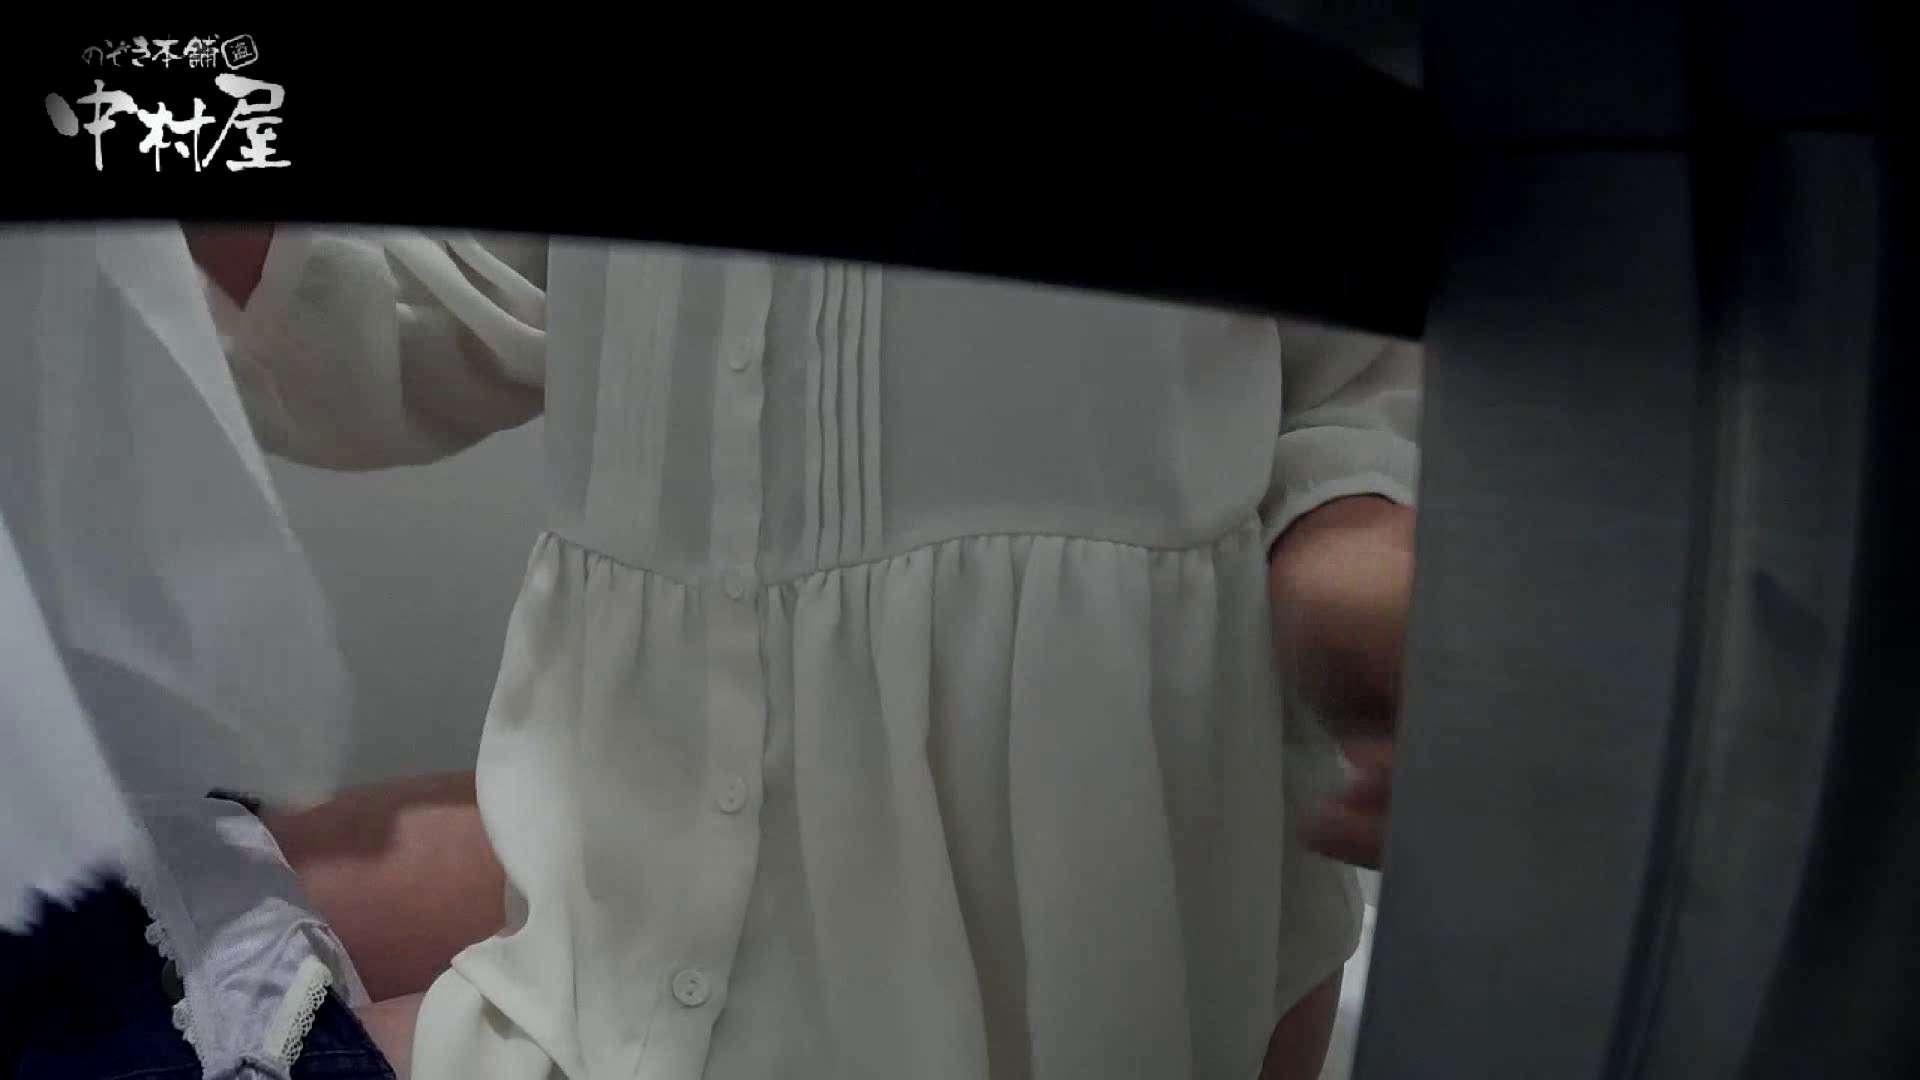 【某有名大学女性洗面所】有名大学女性洗面所 vol.40 ??おまじない的な動きをする子がいます。 洗面所 覗きオメコ動画キャプチャ 89画像 33